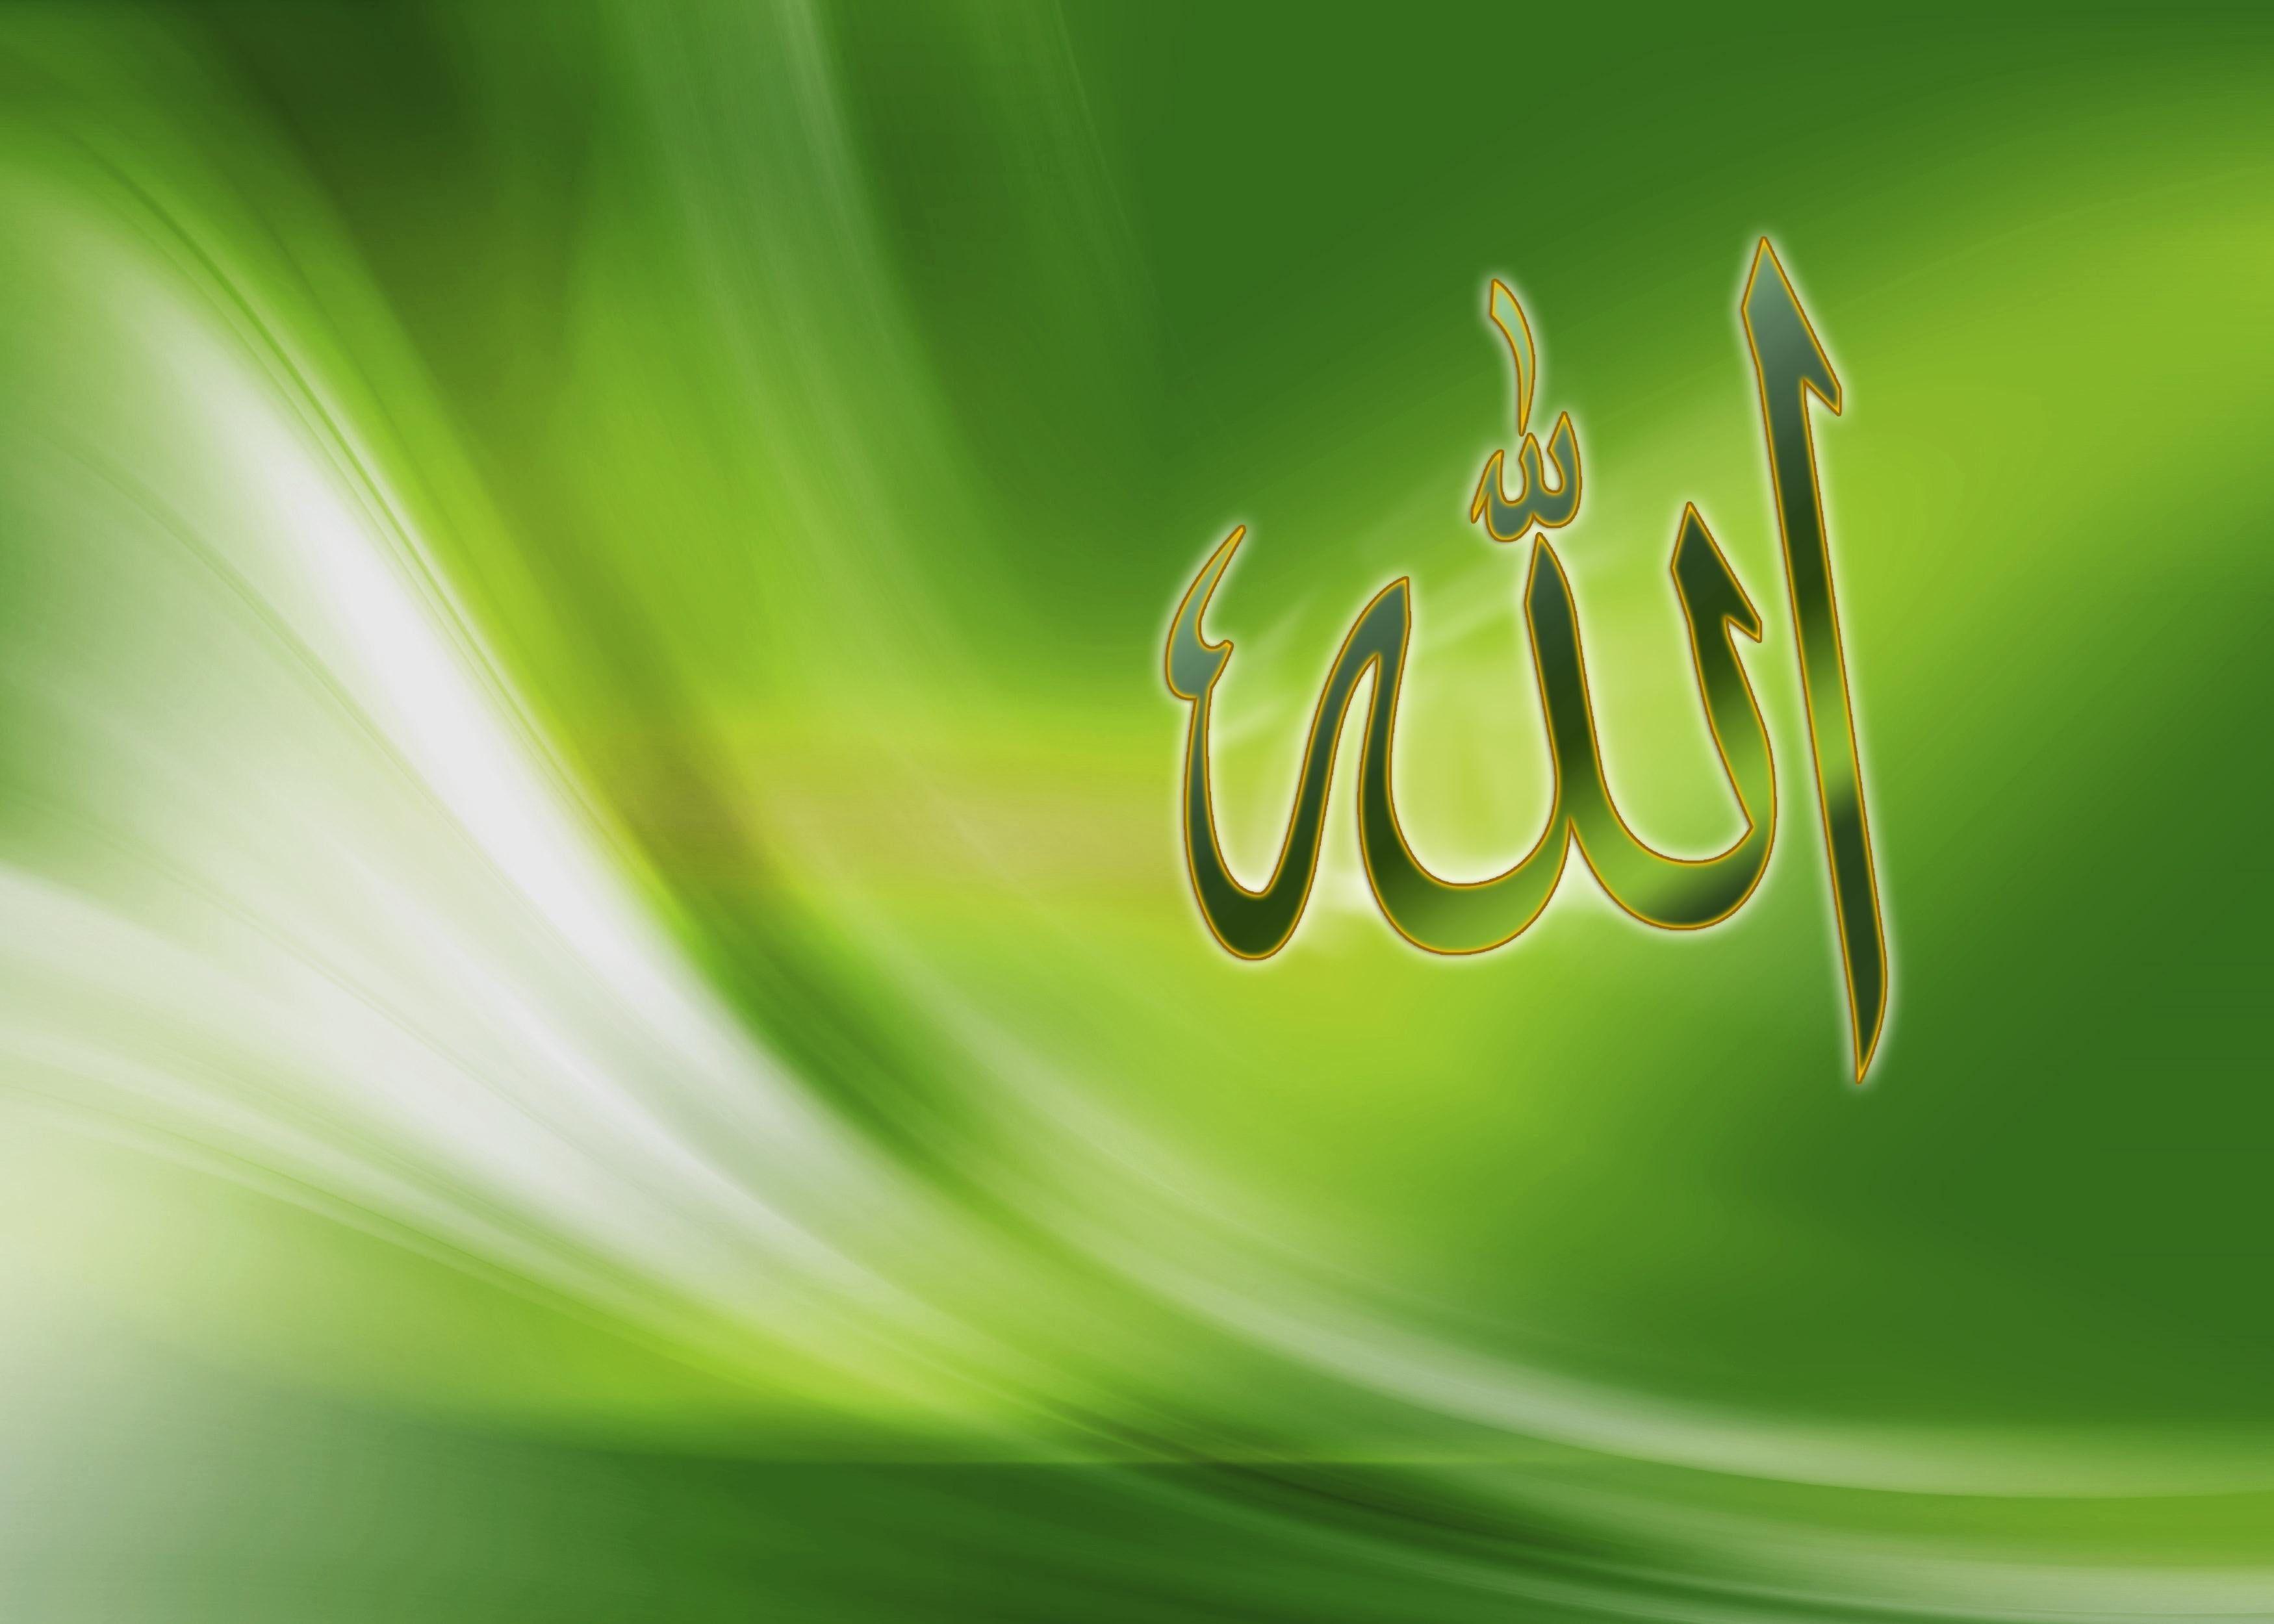 Allah Calligraphy Allah Islam Wallpapers Vista 2k Wallpaper Hdwallpaper Desktop Allah Wallpaper Name Wallpaper Moving Wallpapers